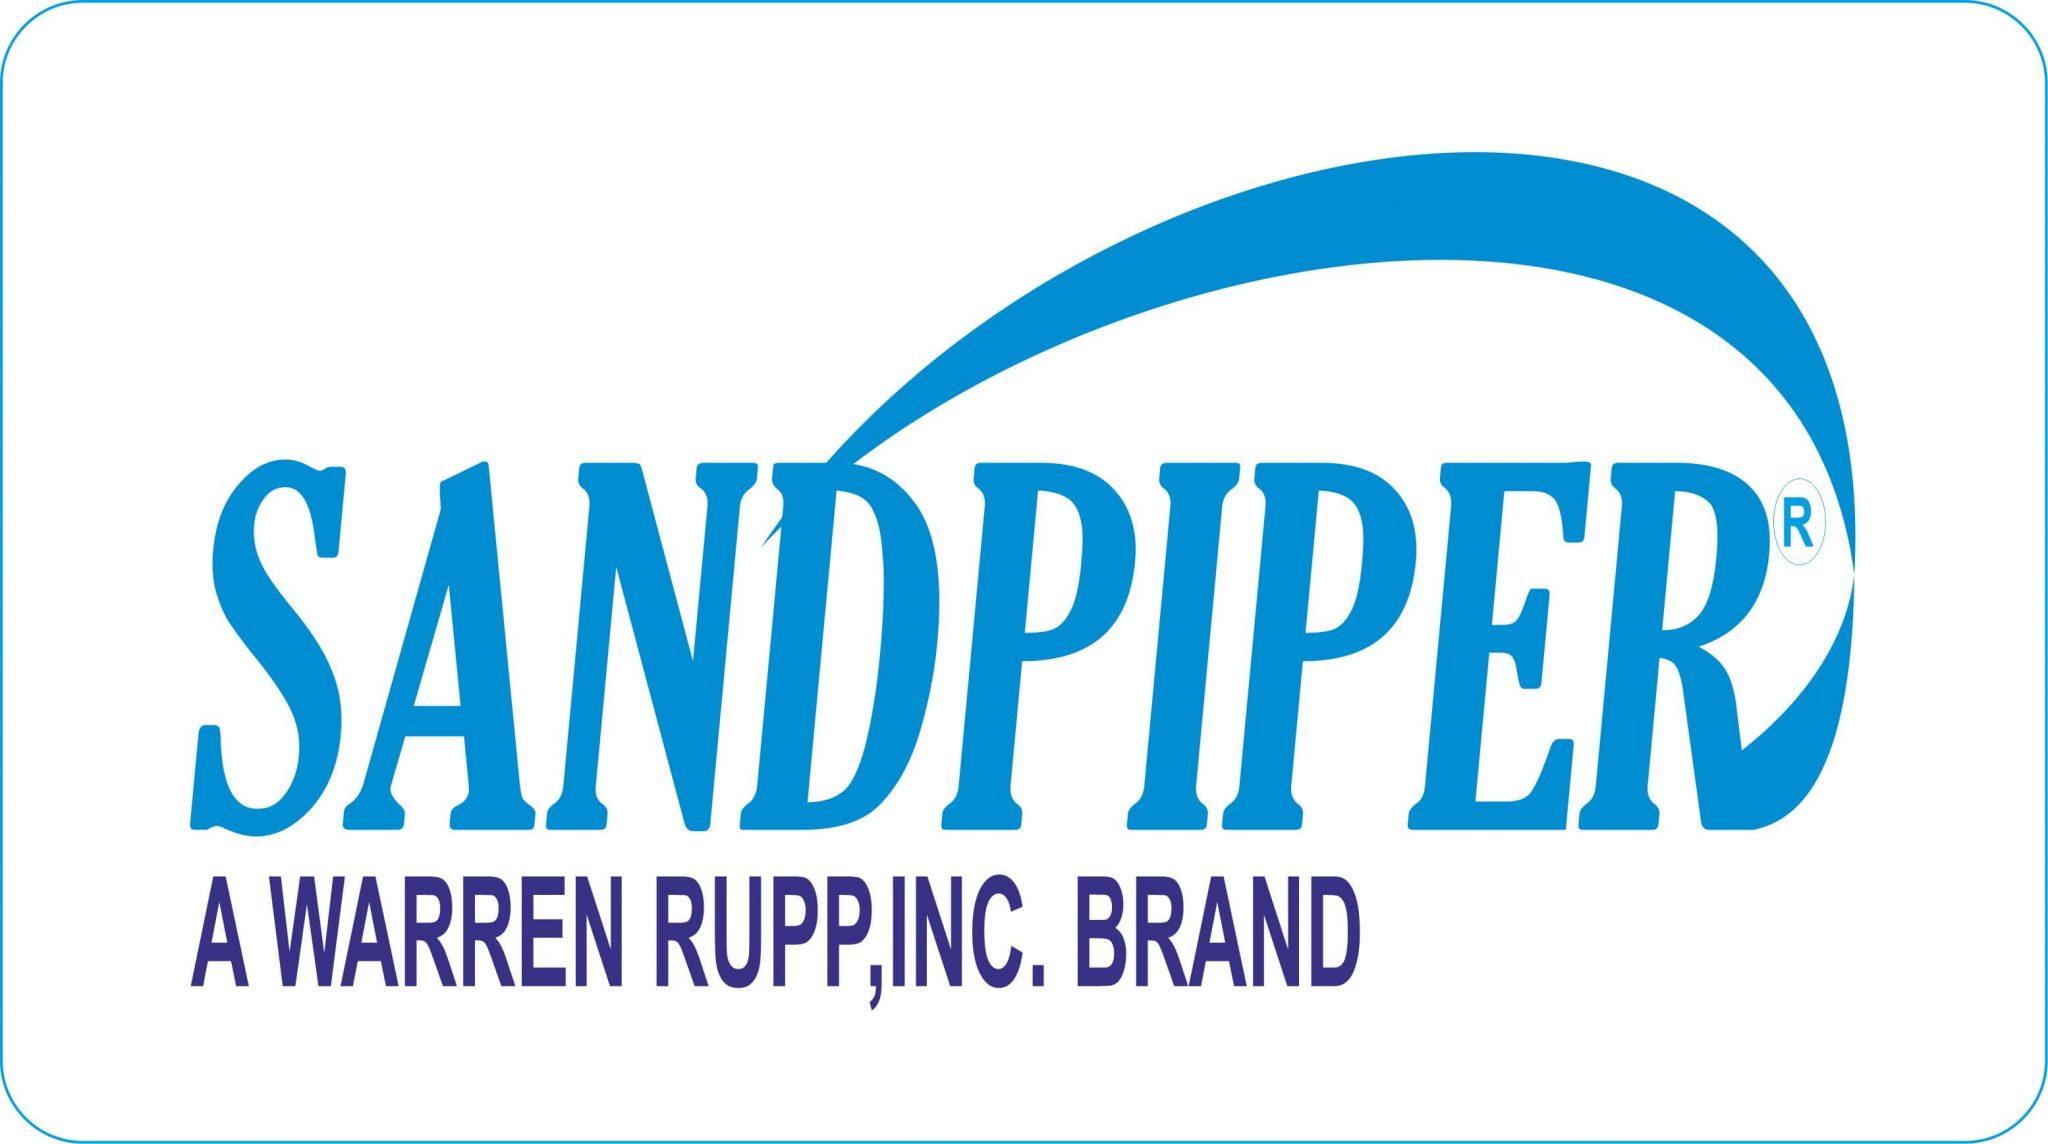 SANDPIPER-min